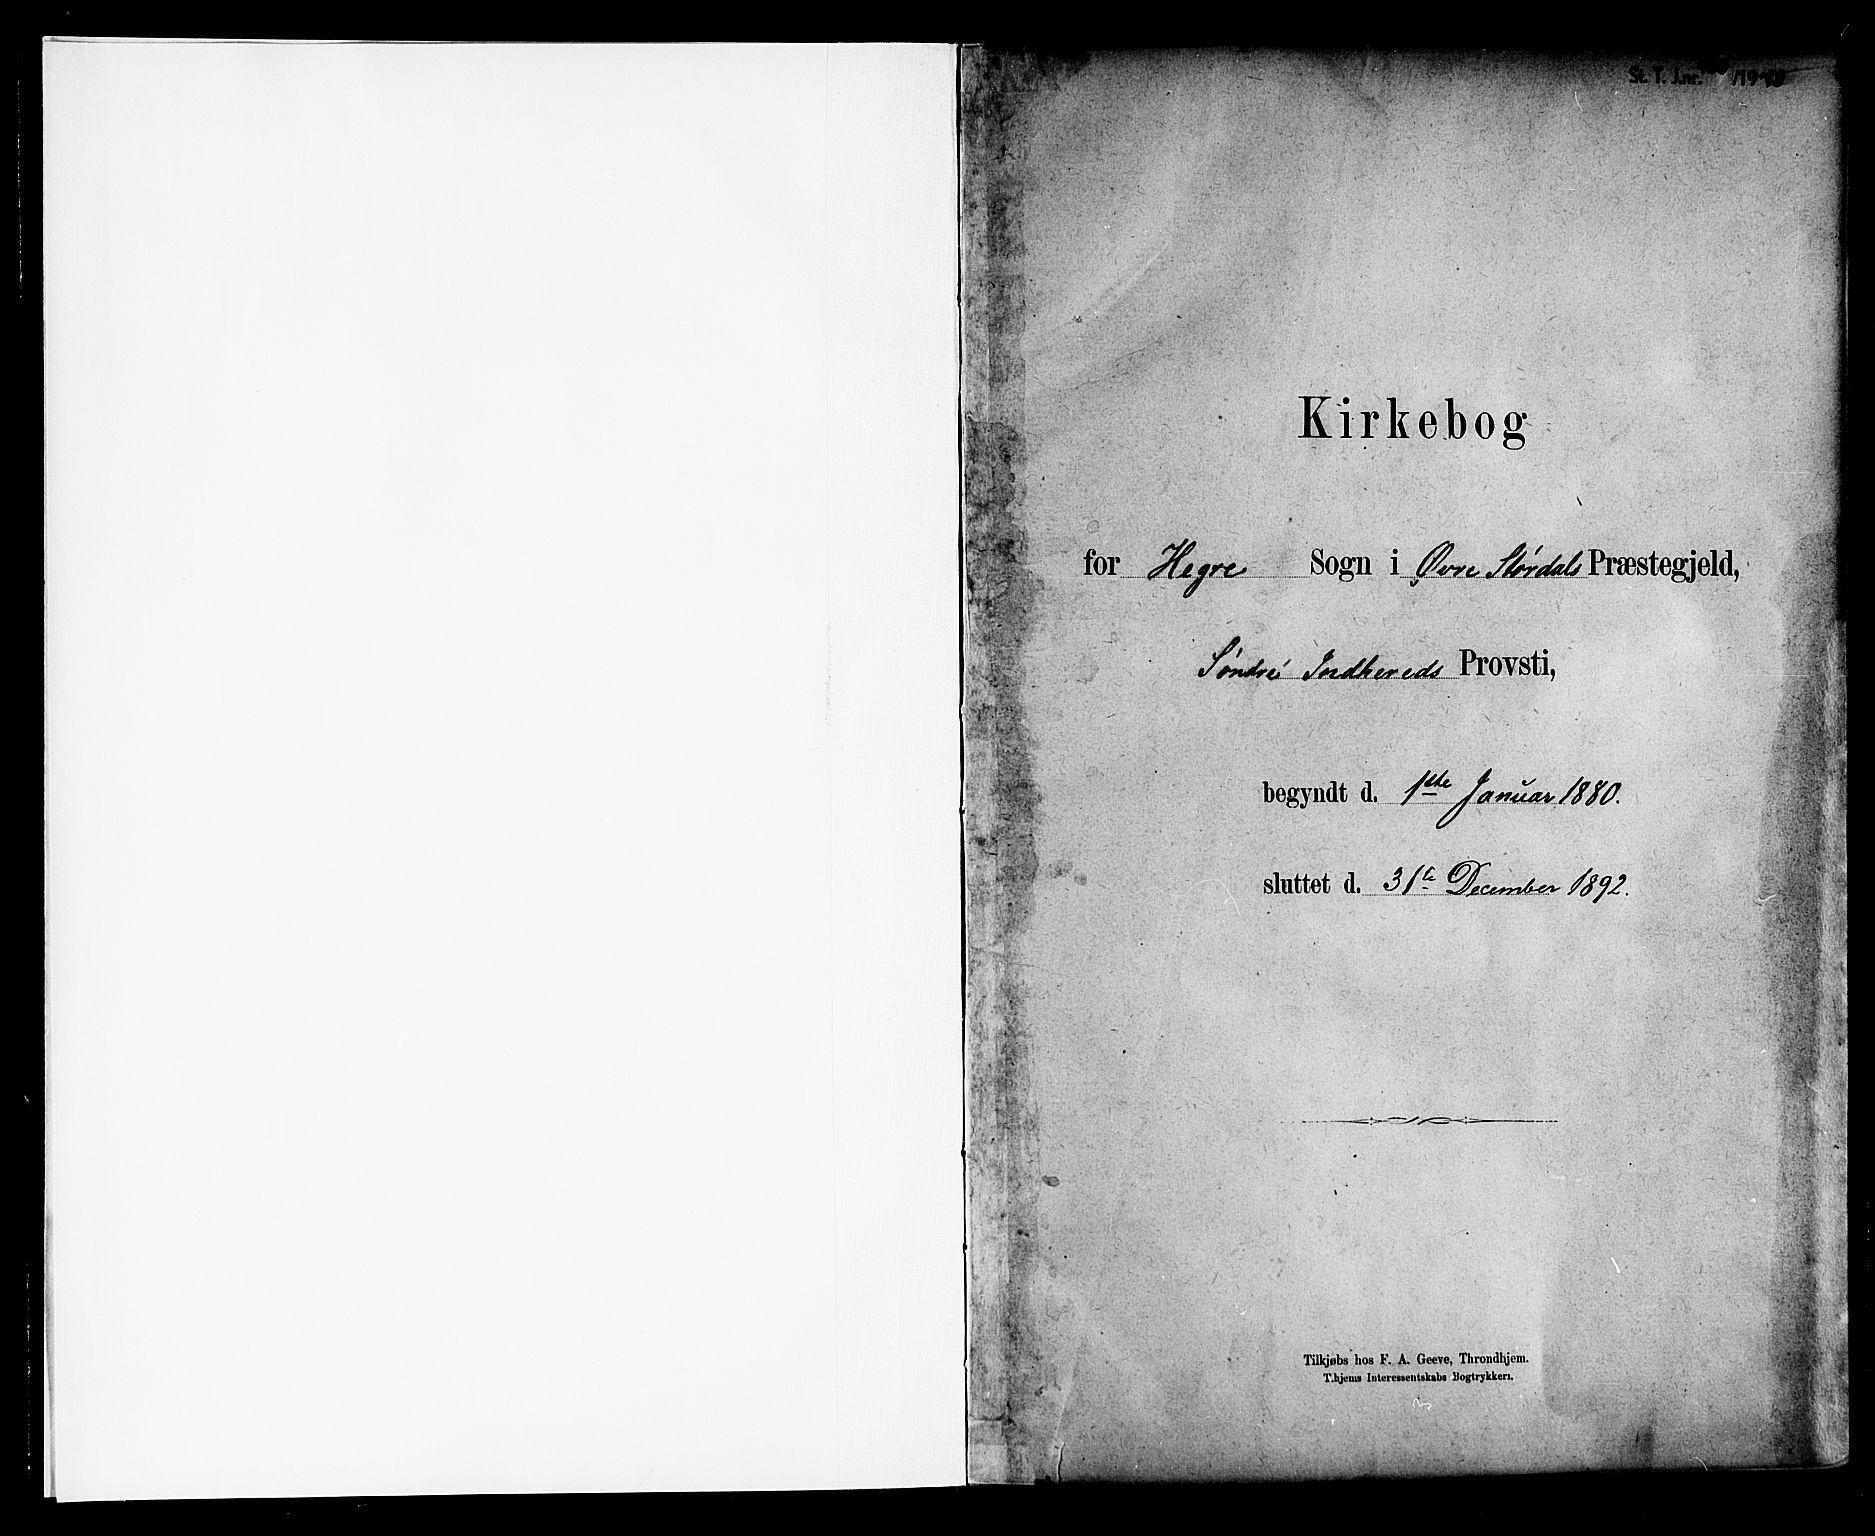 SAT, Ministerialprotokoller, klokkerbøker og fødselsregistre - Nord-Trøndelag, 703/L0030: Ministerialbok nr. 703A03, 1880-1892